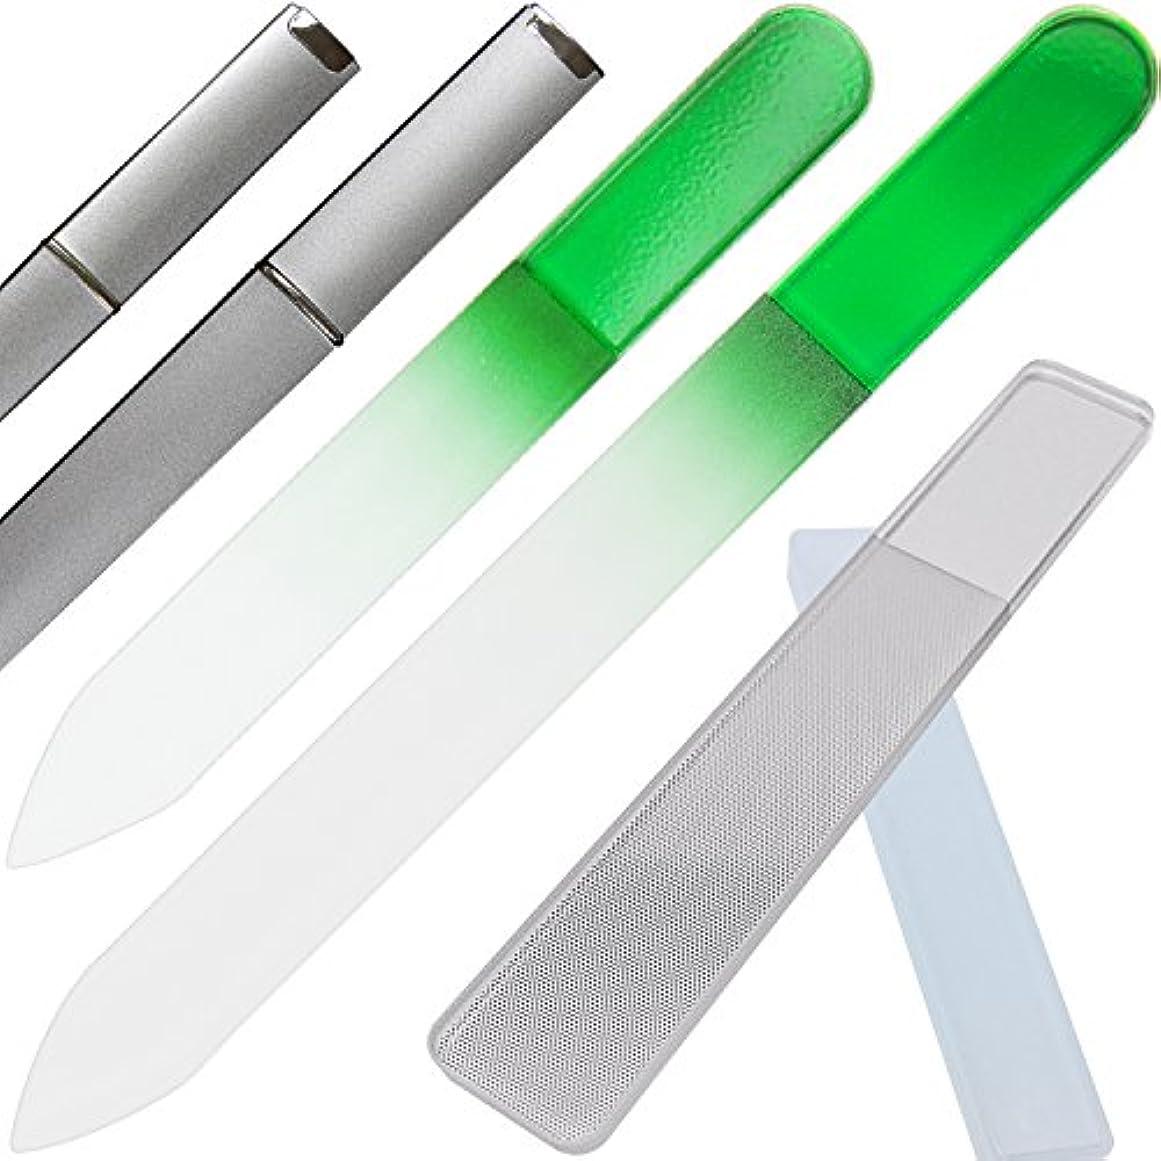 大きさテレマコス小切手Clarente 爪やすり 爪磨き ガラス製 専用 ケース付 4点セット ネイル ケア